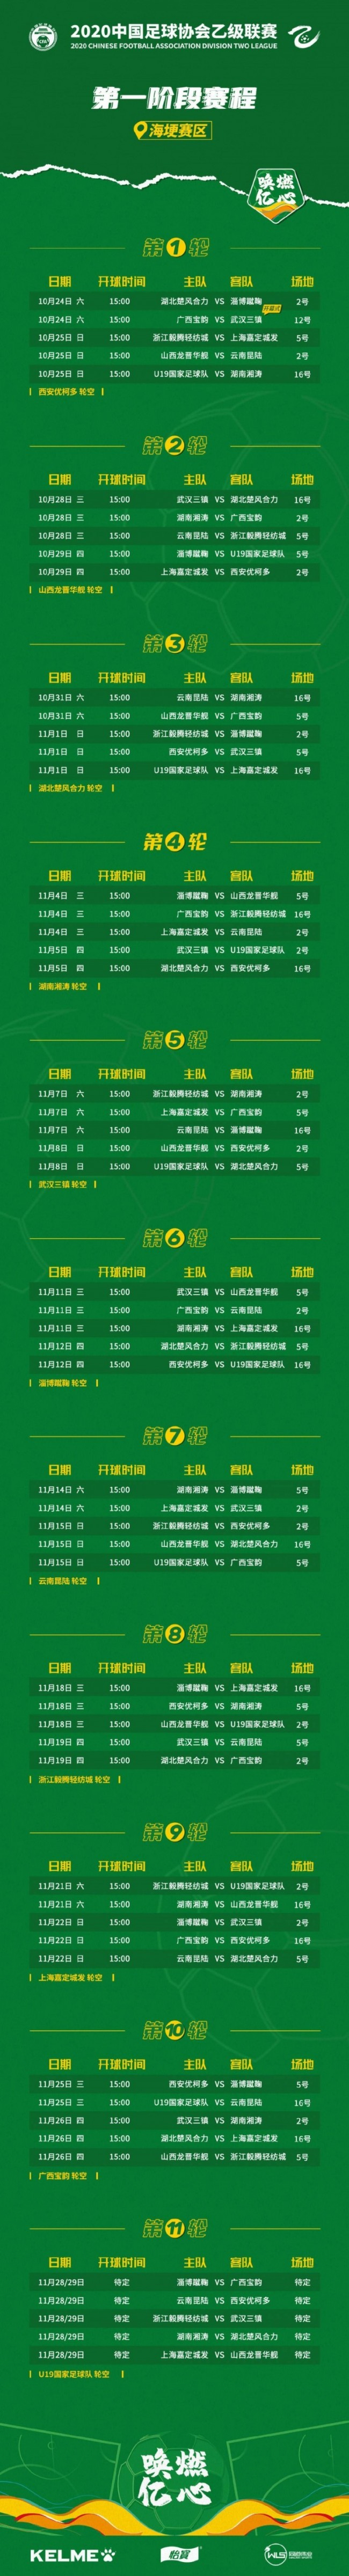 2020-2021赛季中乙第一阶段赛程时间表